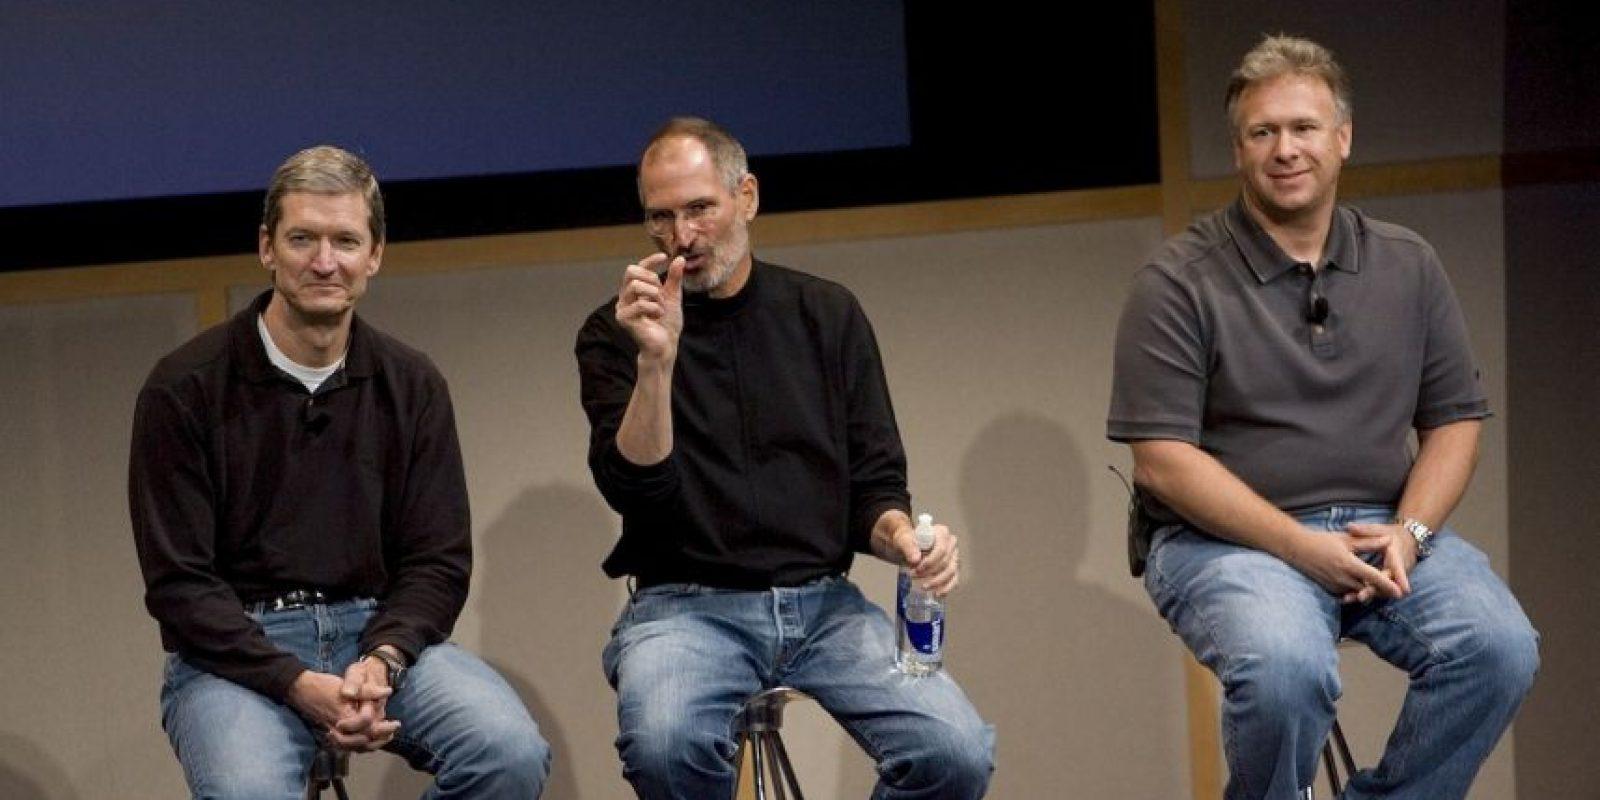 Como CEO, Tim Cook almuerza con empleados al azar en la cafetería de Apple, algo que Steve Jobs raramente hizo. Foto:Getty